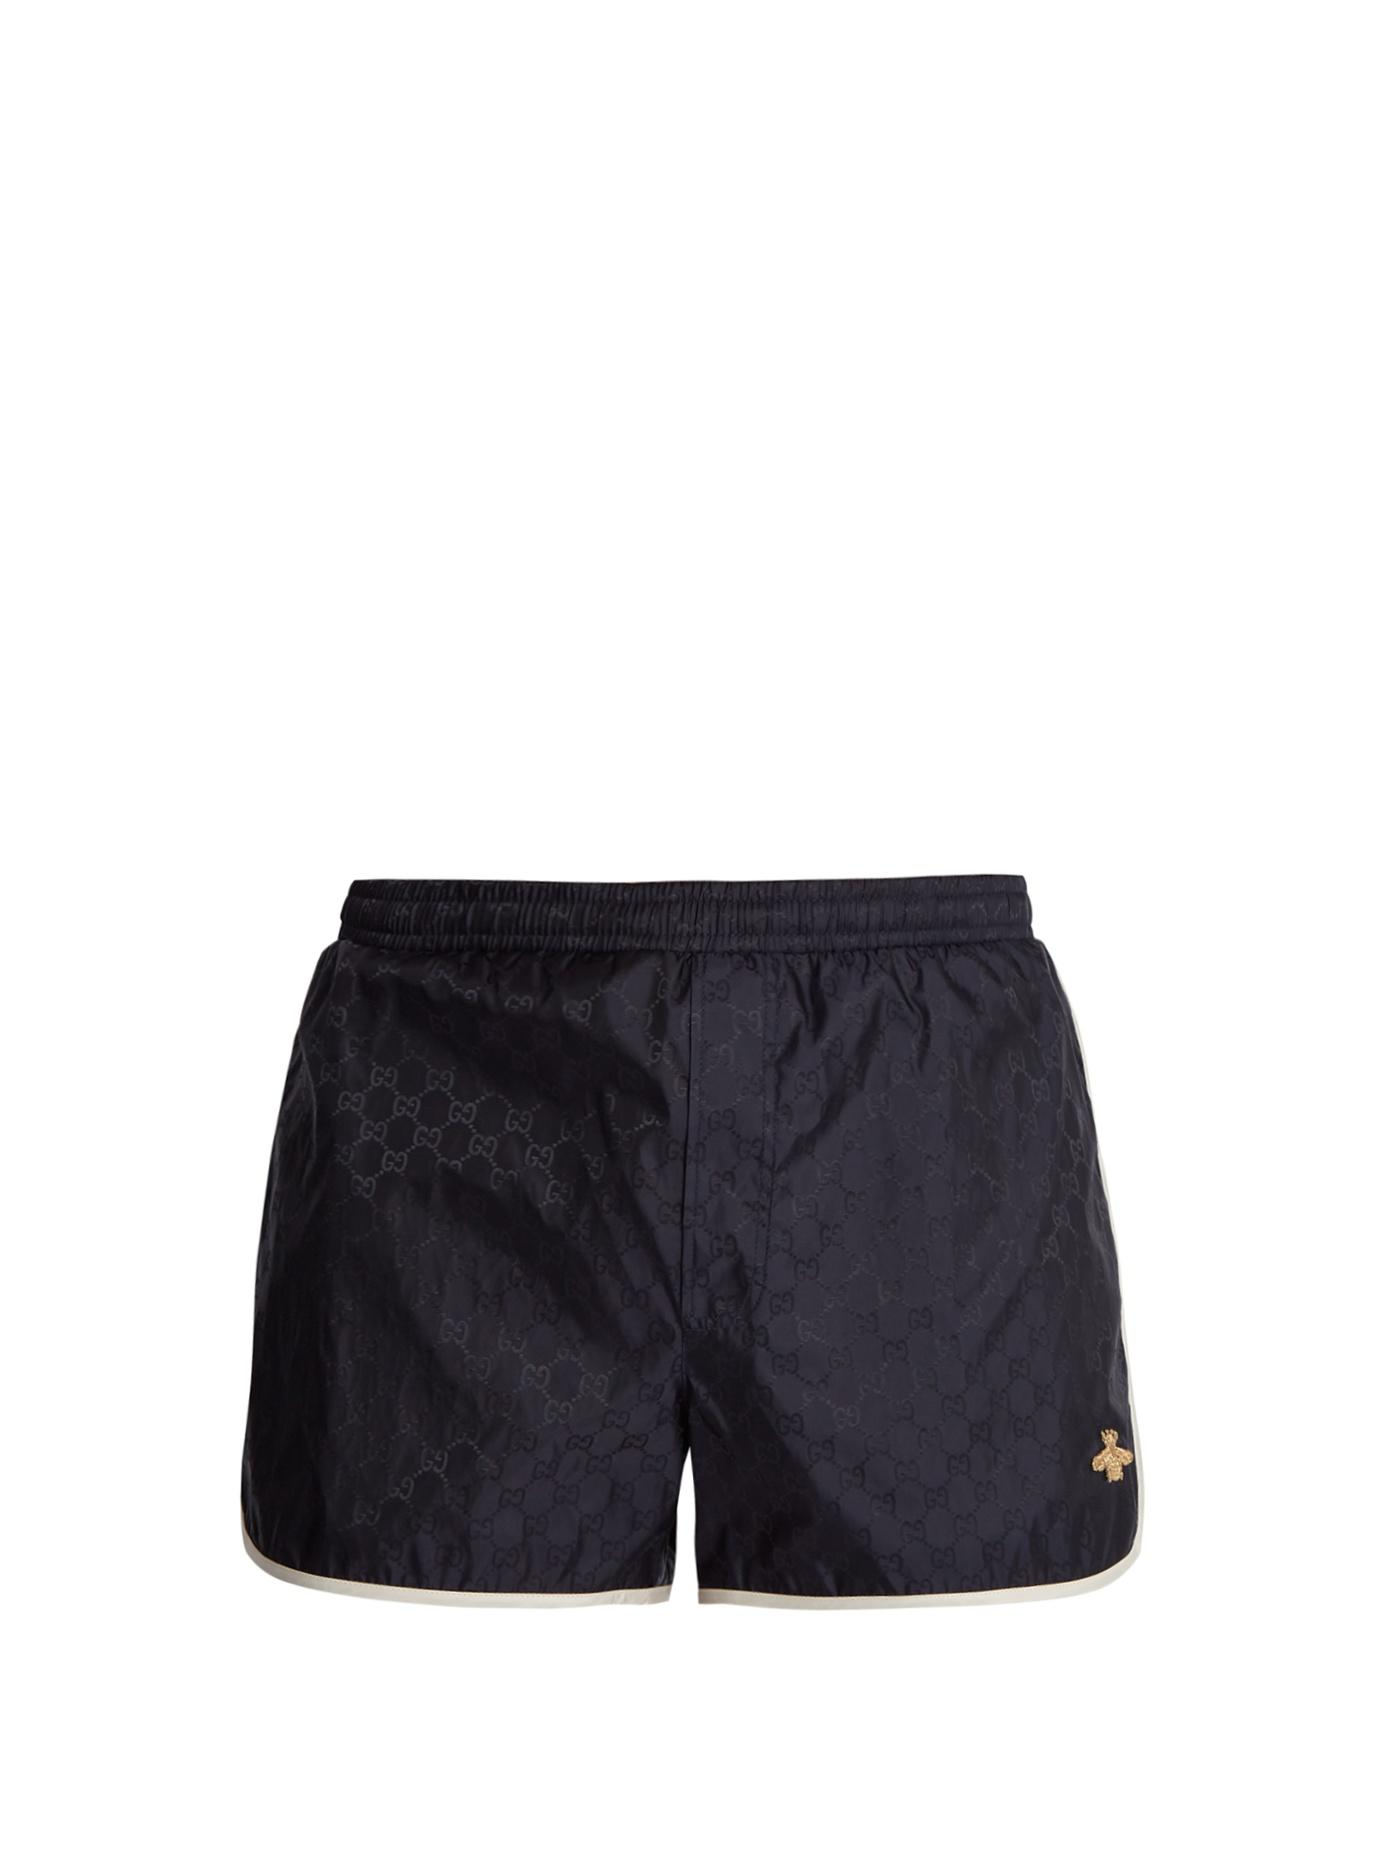 f3815424d6 Gucci Gg Nylon Swim Short Trunks In Blue | ModeSens